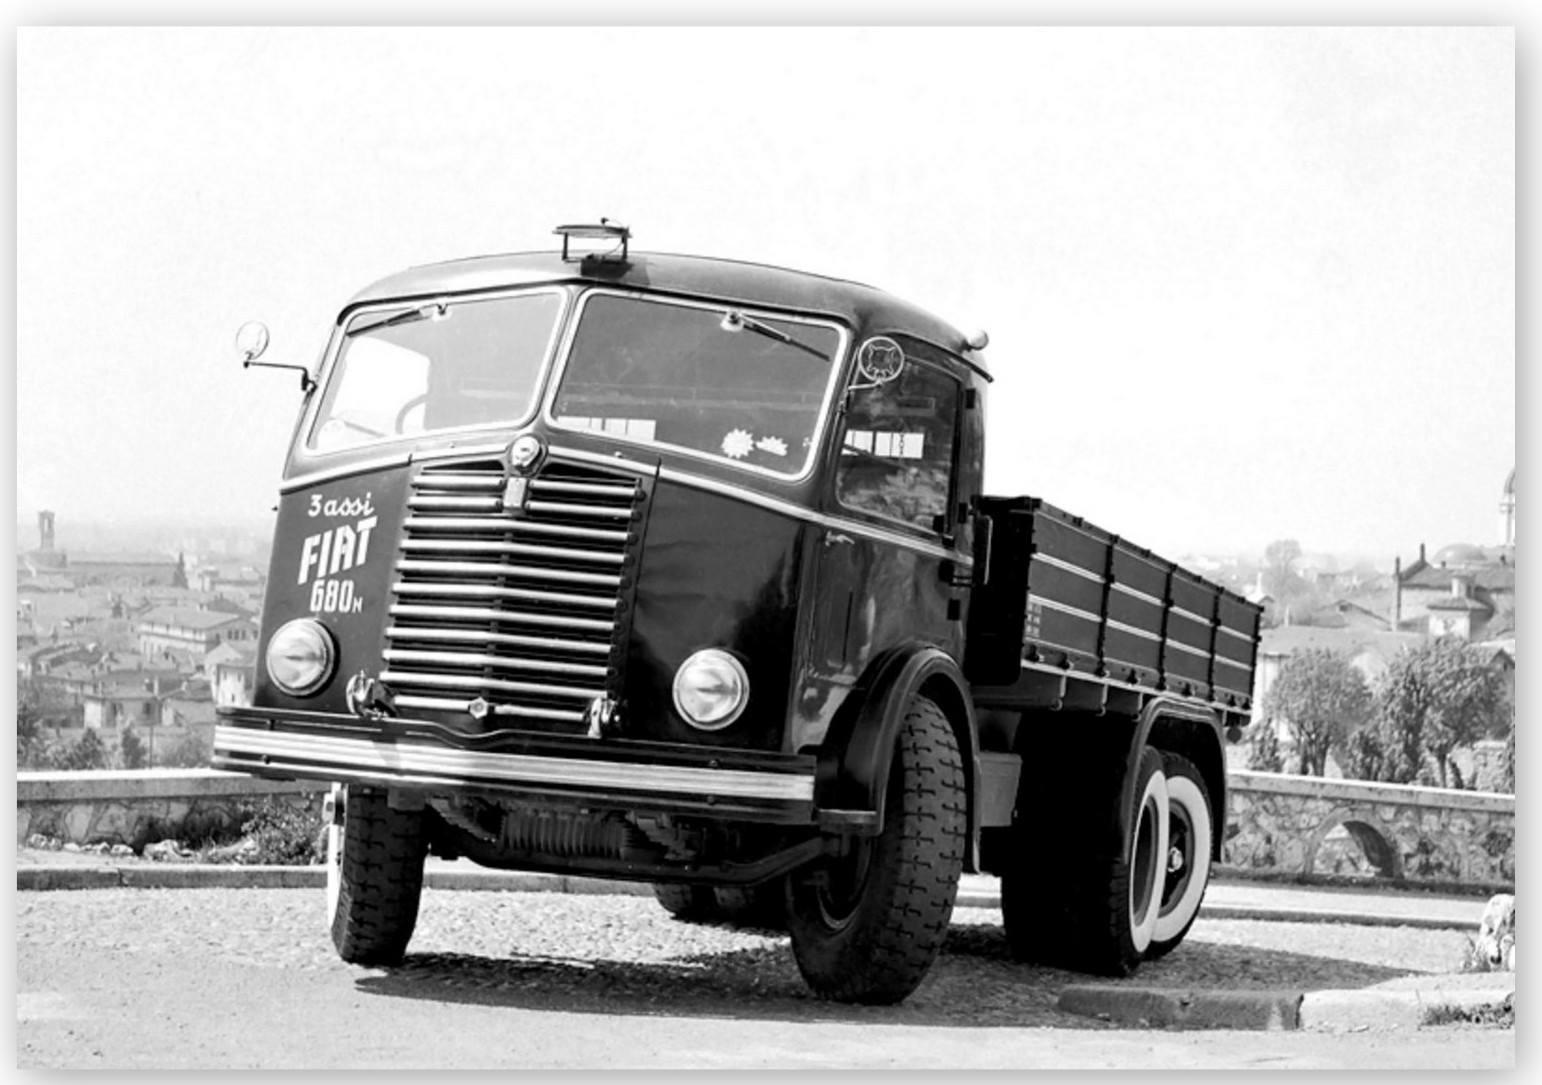 Fiat-680N